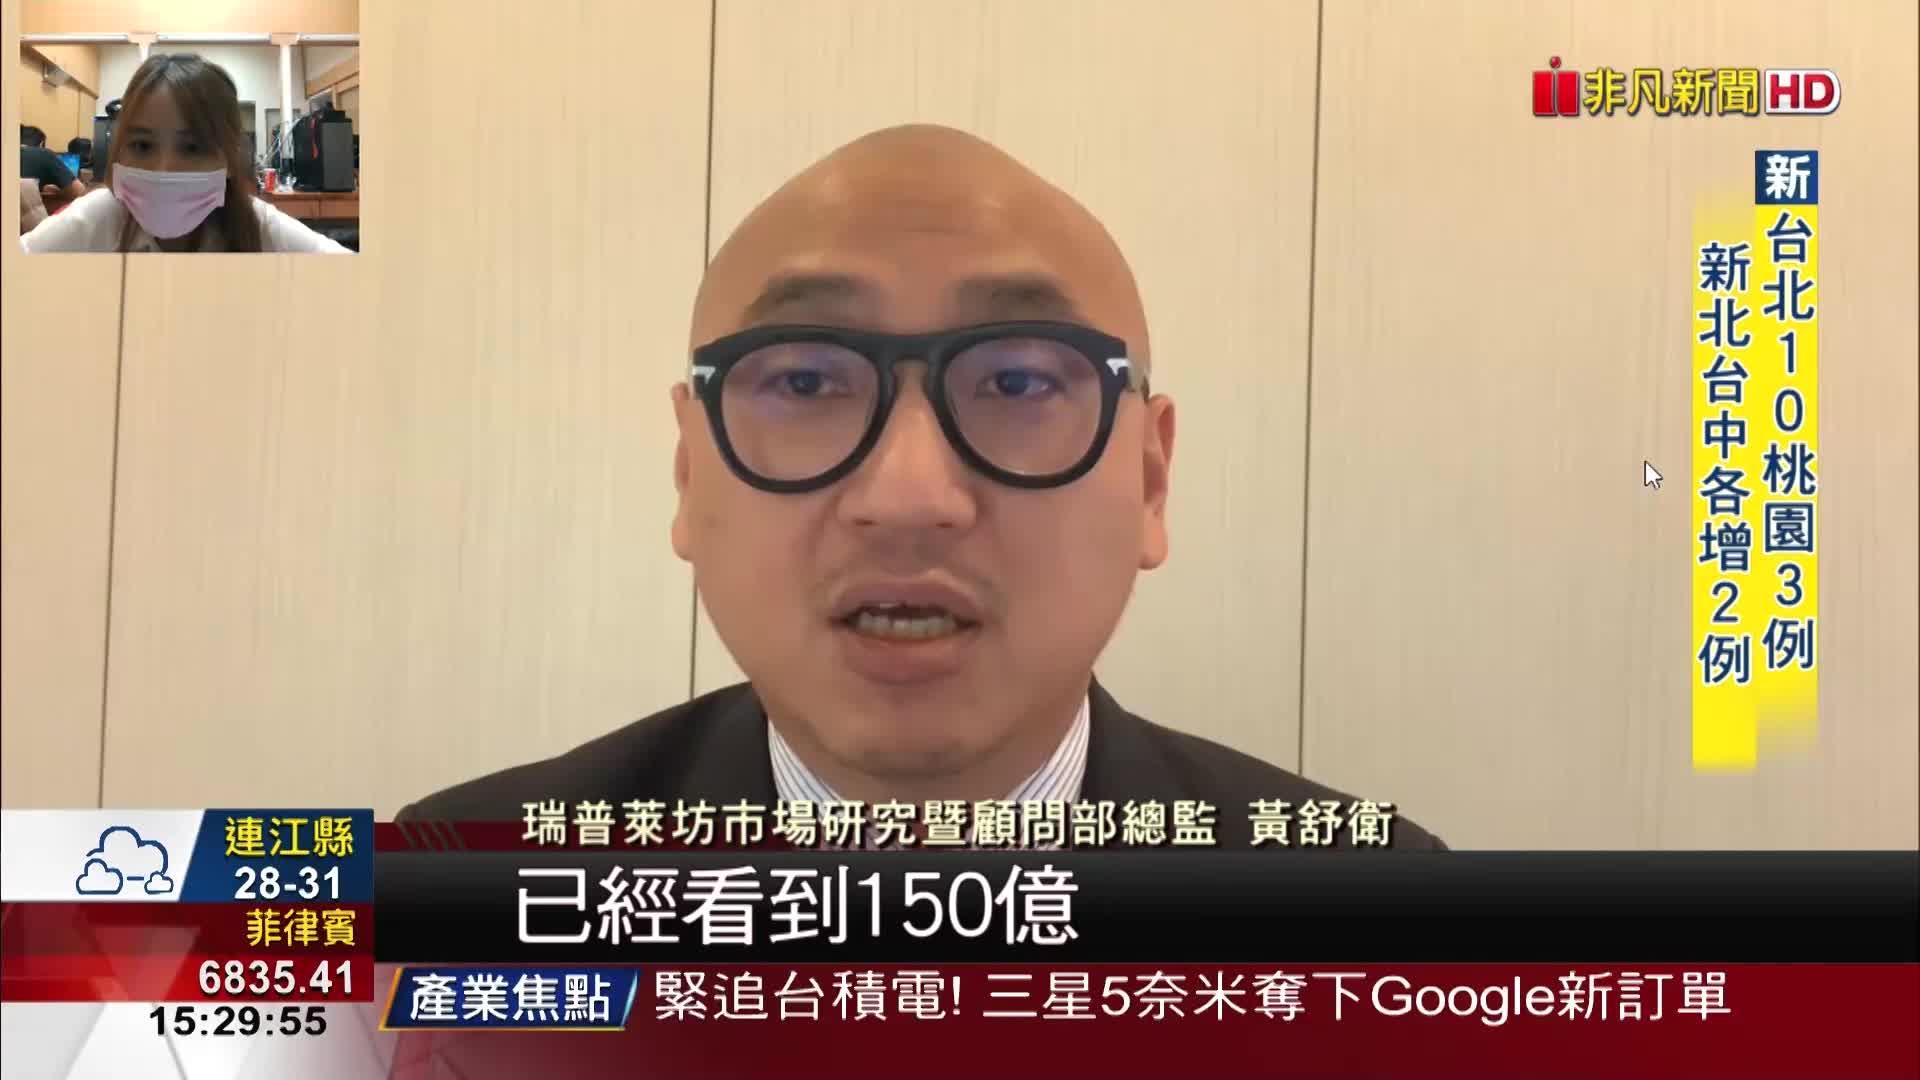 賈永婕老公攜國美建設 39億標下福音大樓